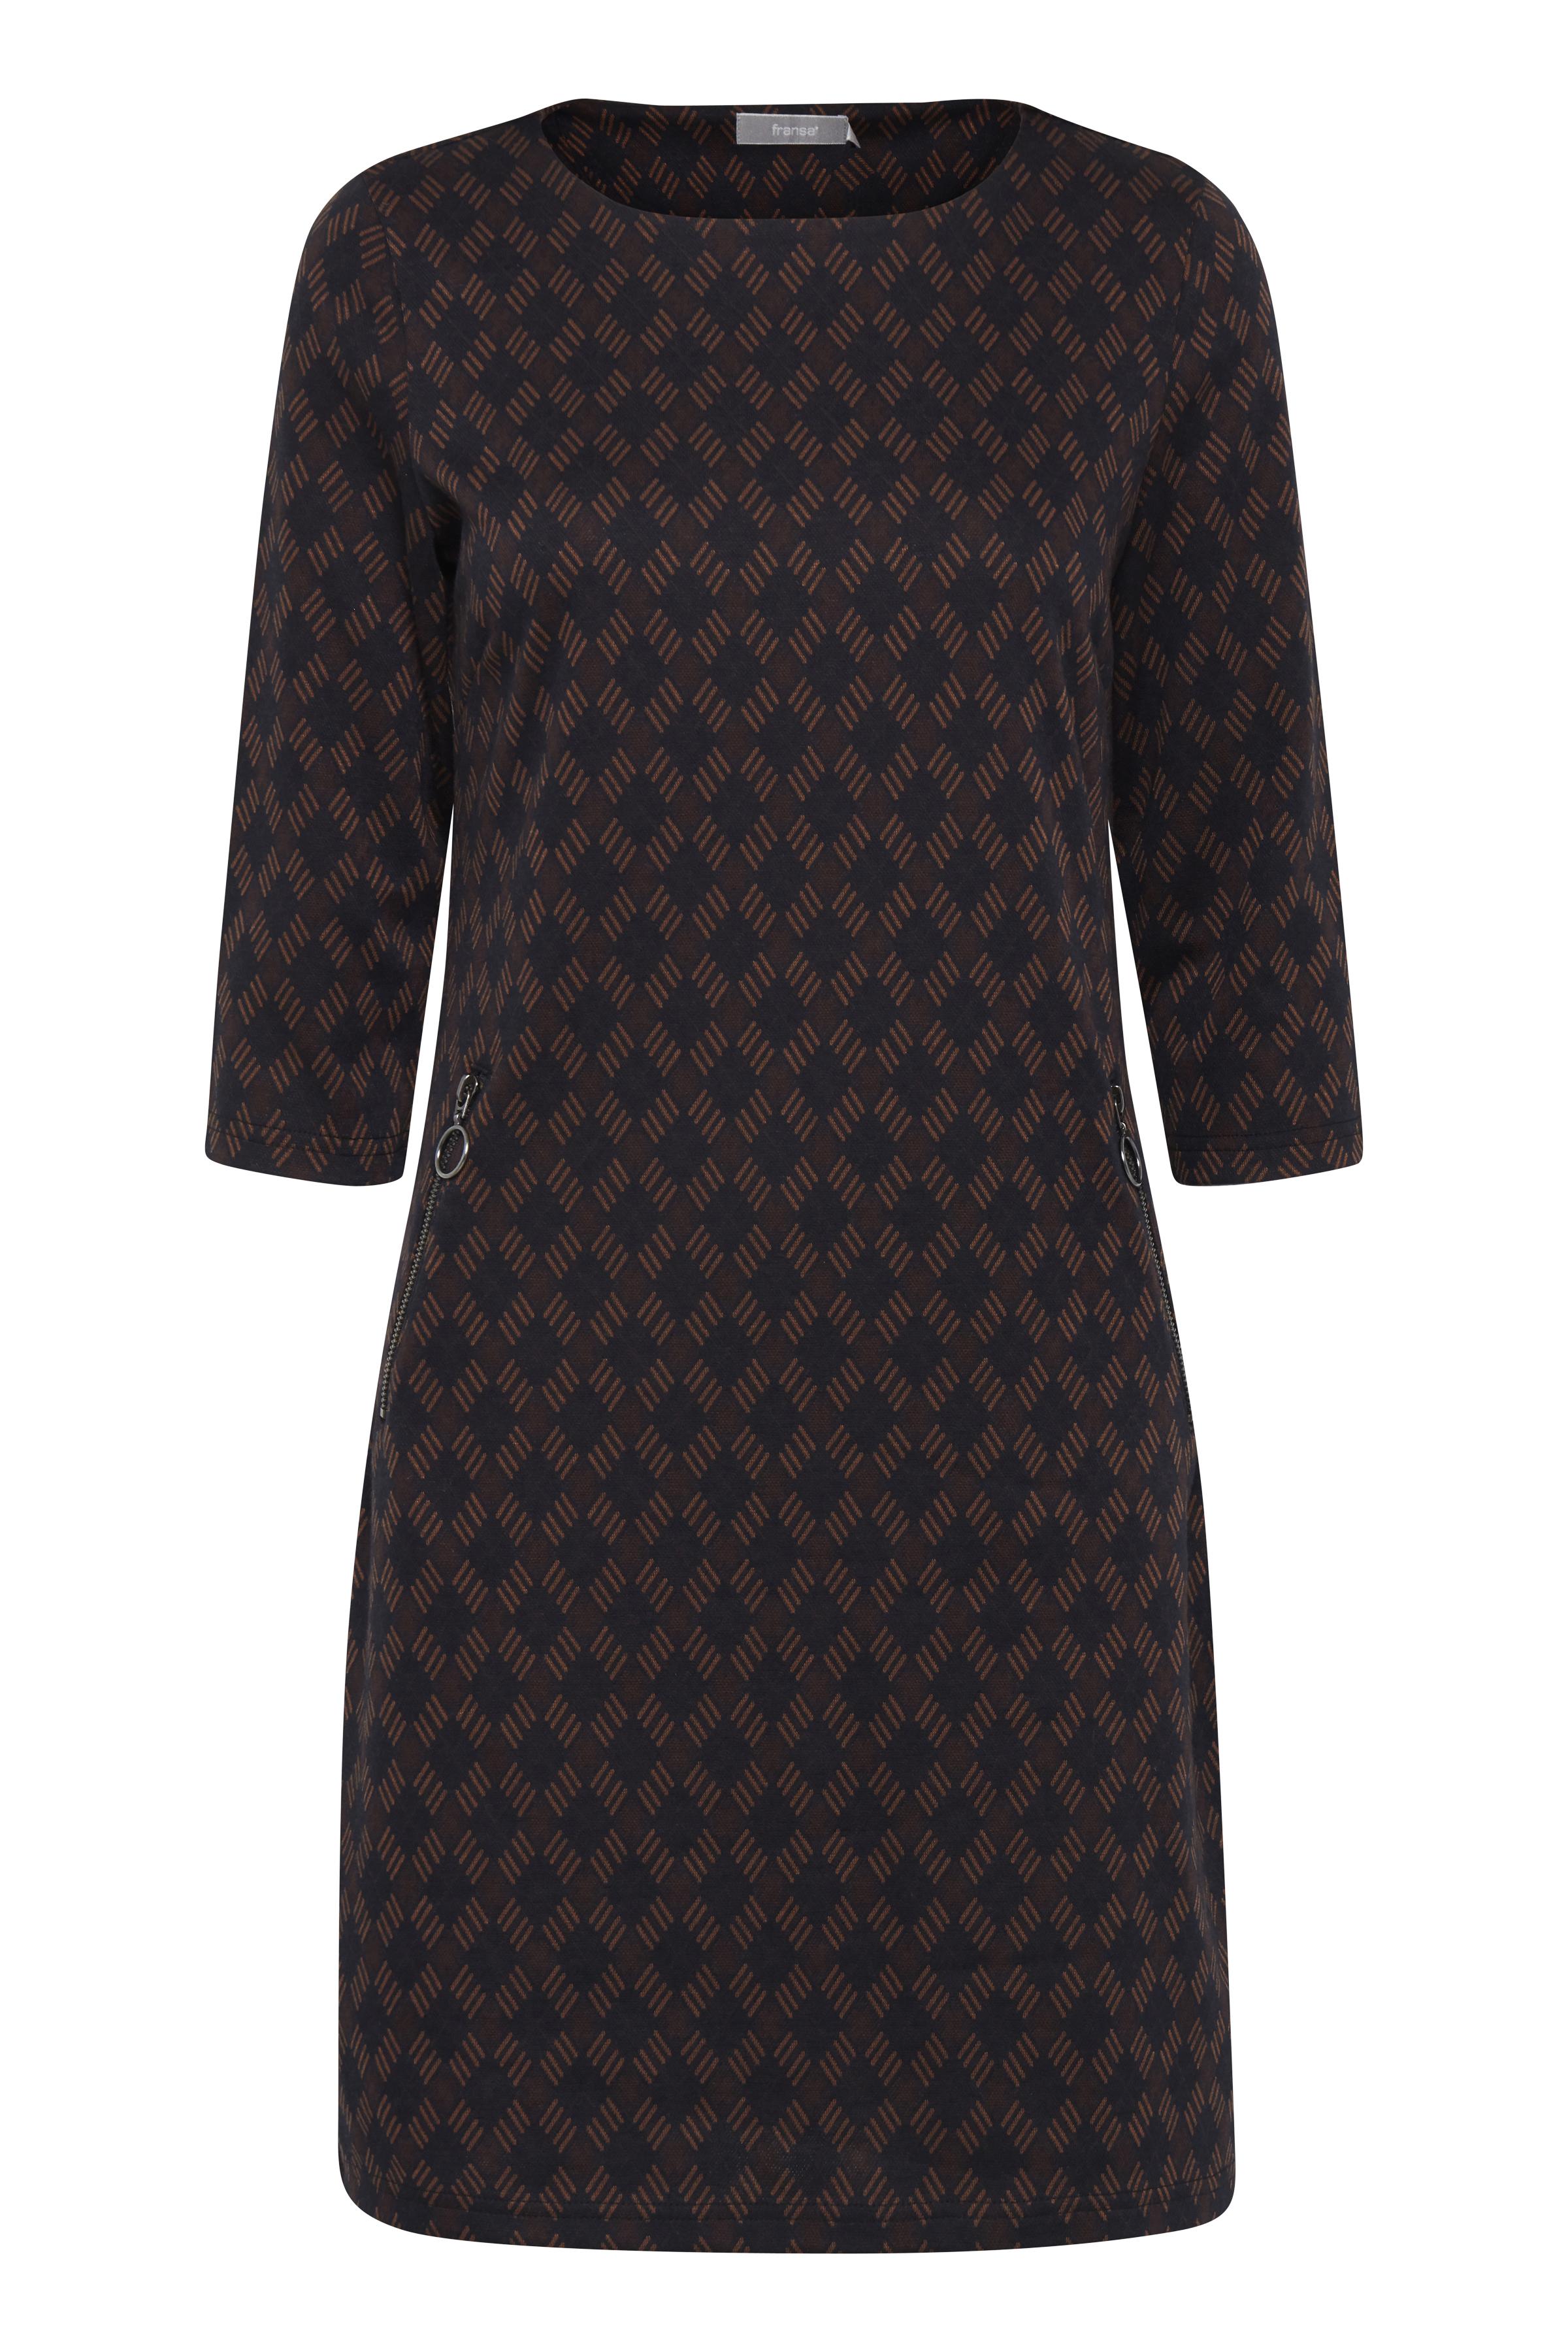 Marinblå/brun Klänning från Fransa – Köp Marinblå/brun Klänning från stl. XS-XXL här